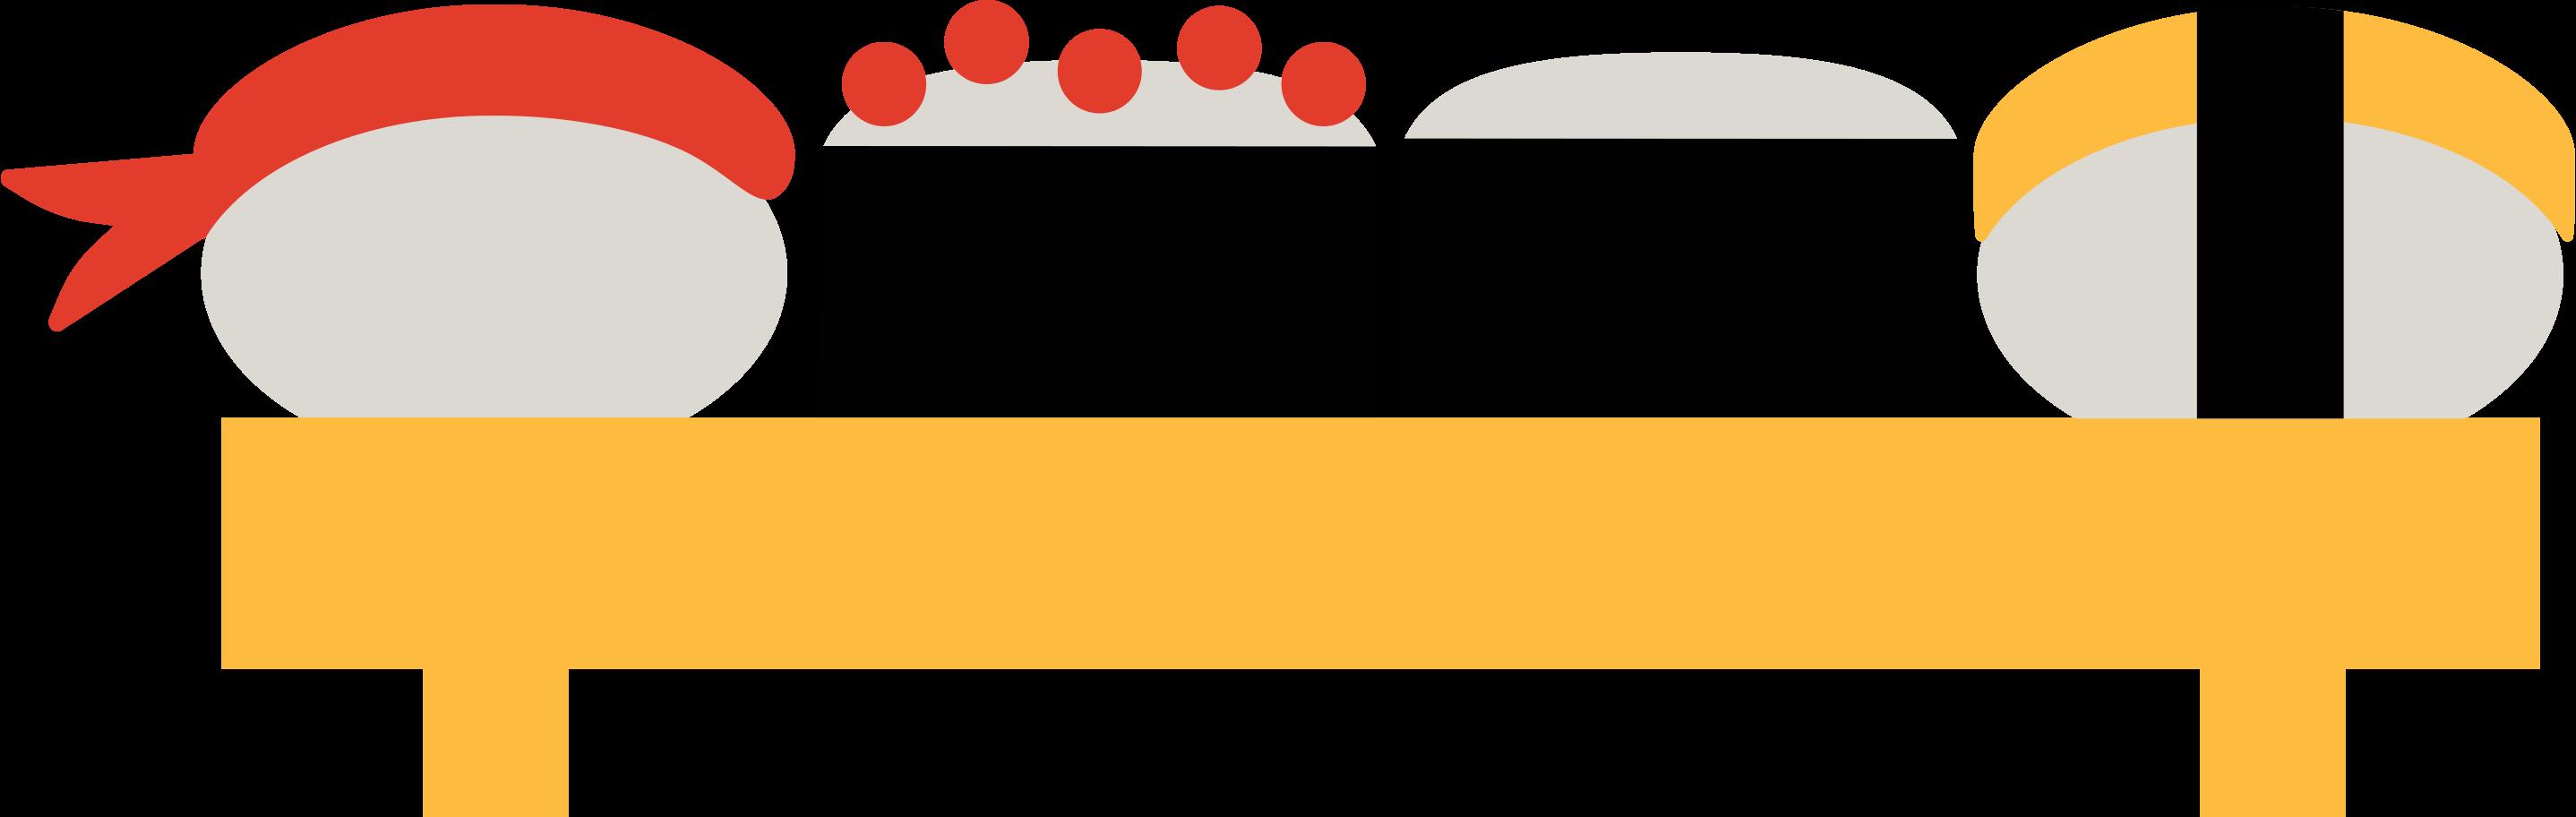 sushi set Clipart illustration in PNG, SVG